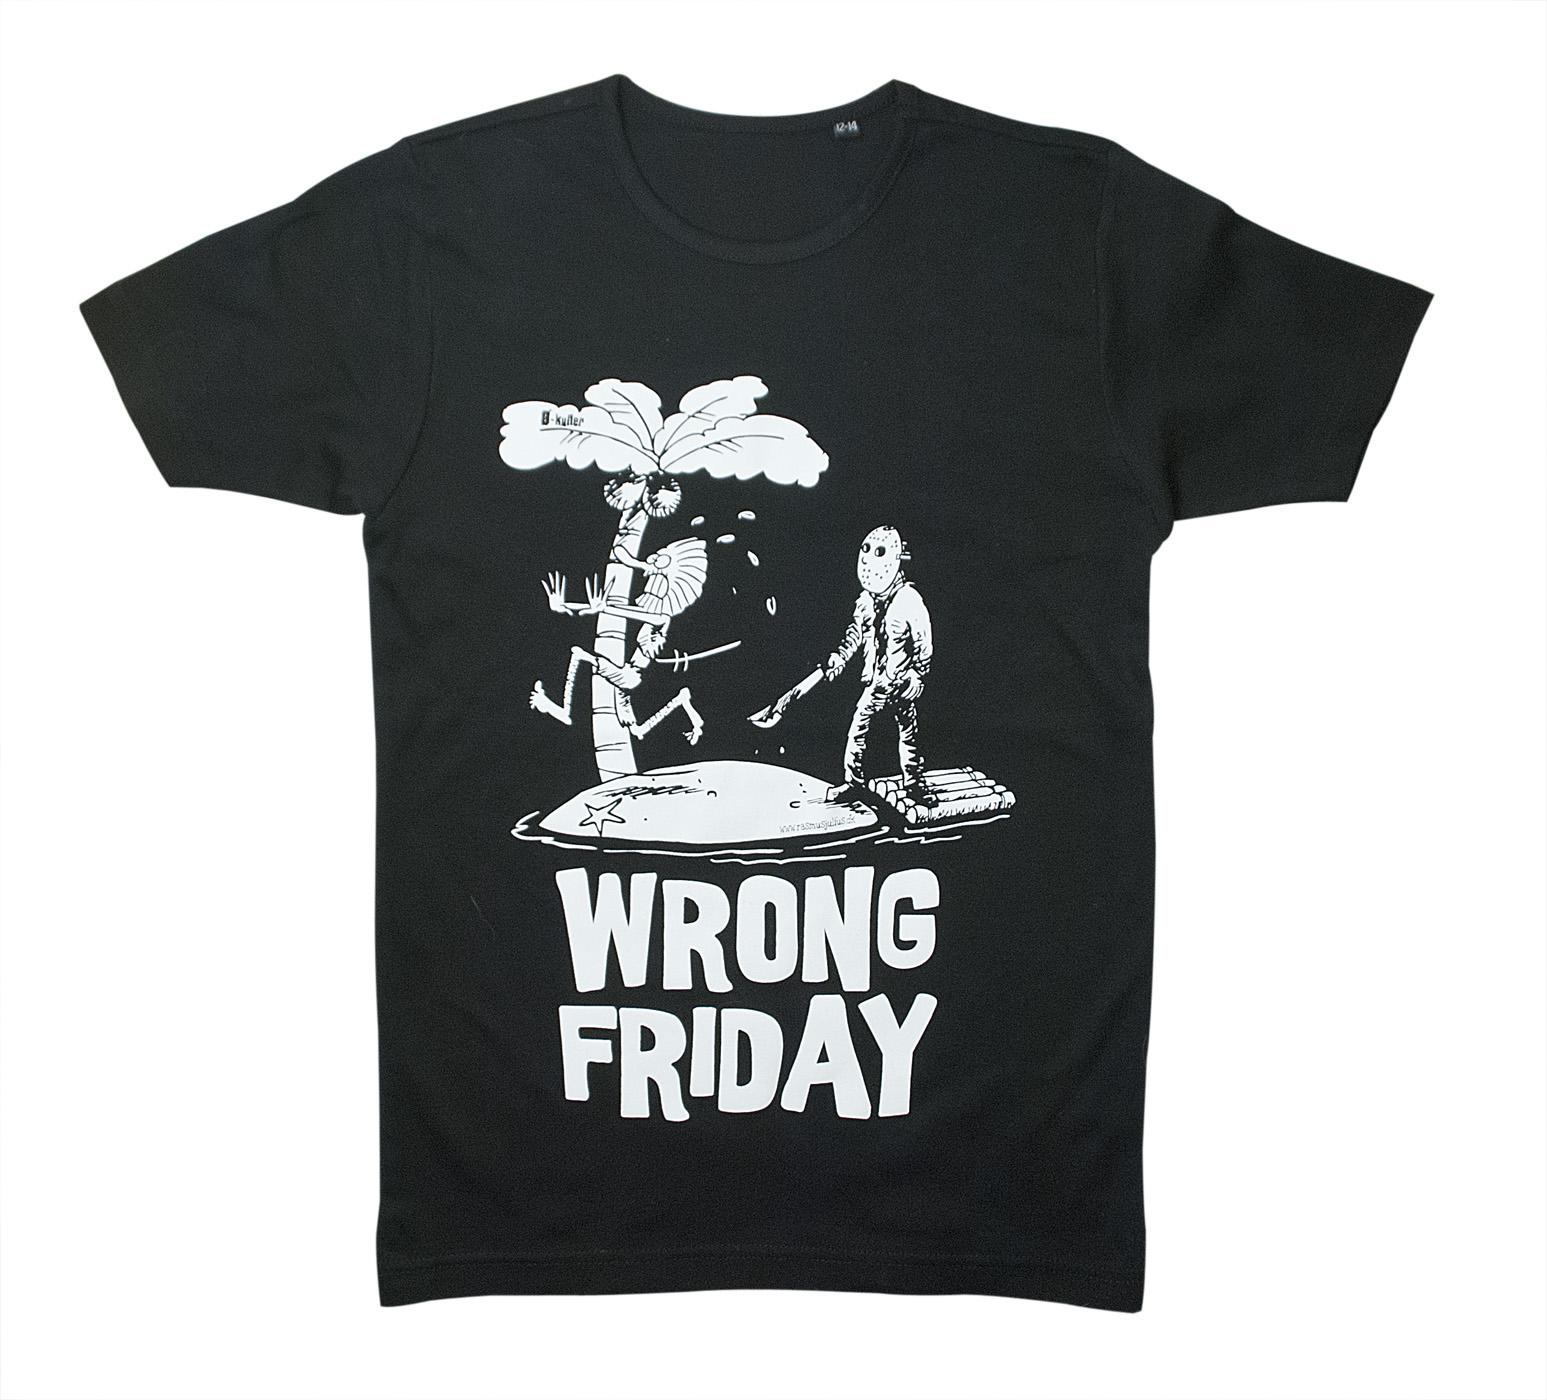 Wrong Friday T-shirt